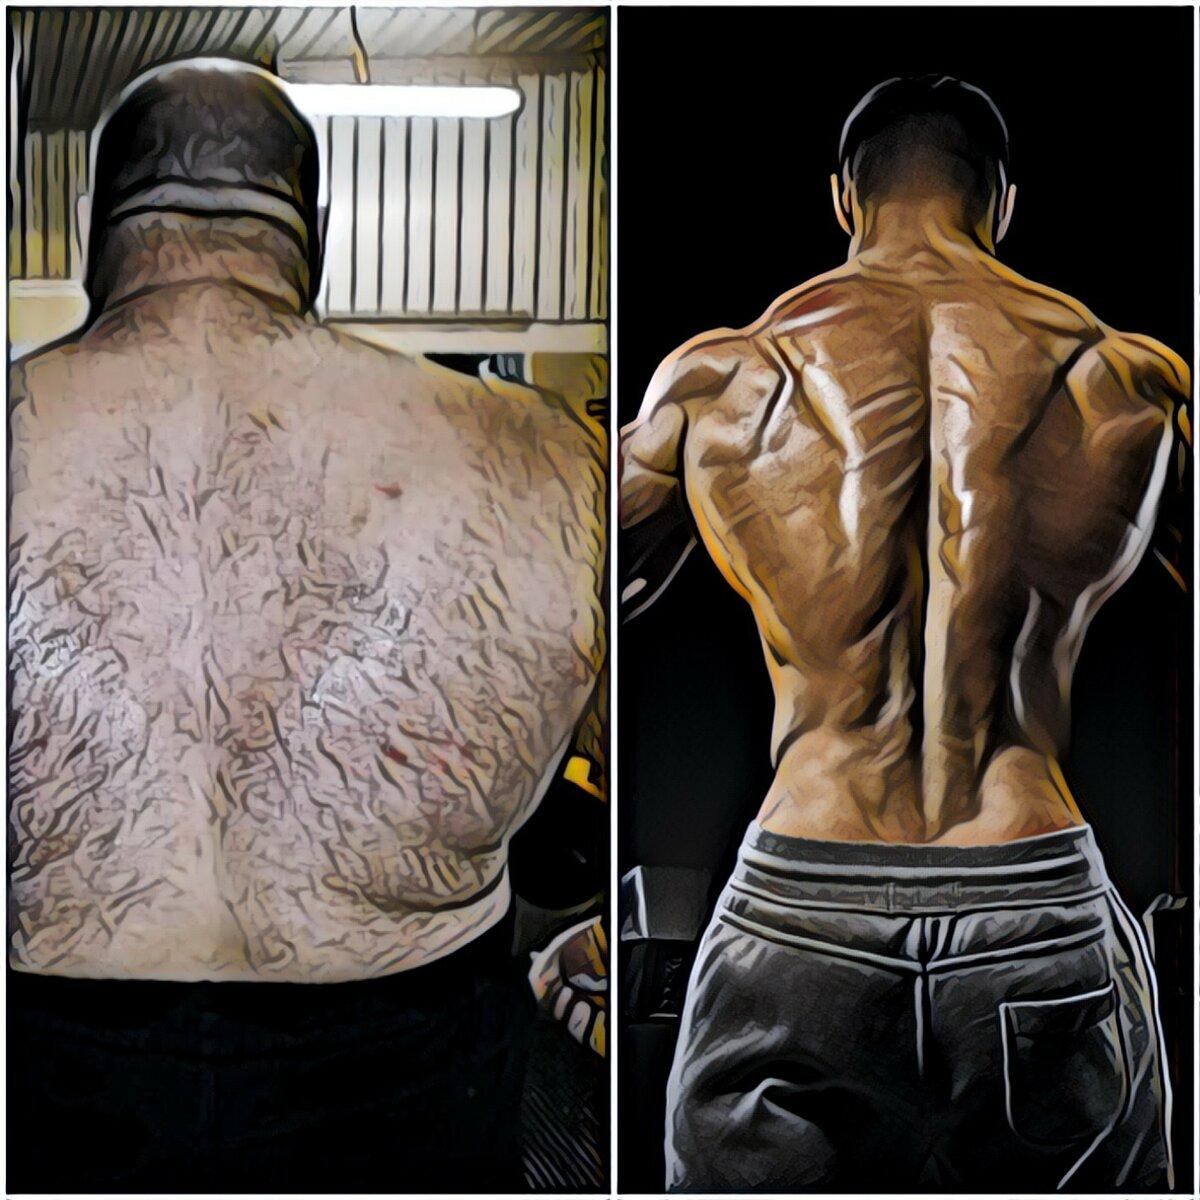 1 кг мышц - 1 жира: как выглядит, описание с фото, разница в объемах, как заменить жир на мышцы - tony.ru